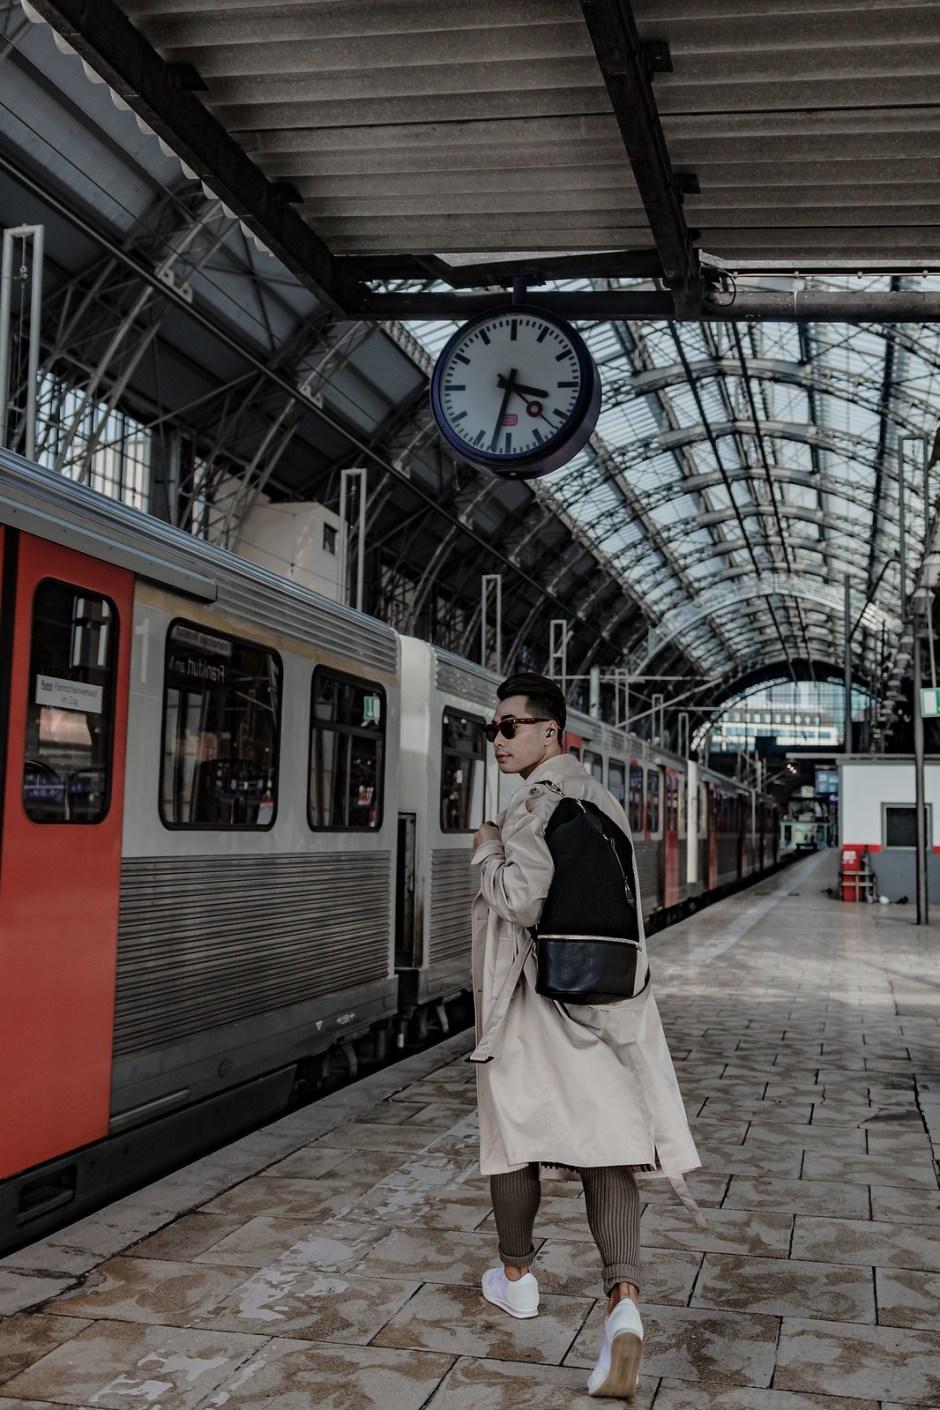 blog_Frankfurt_central_station-5